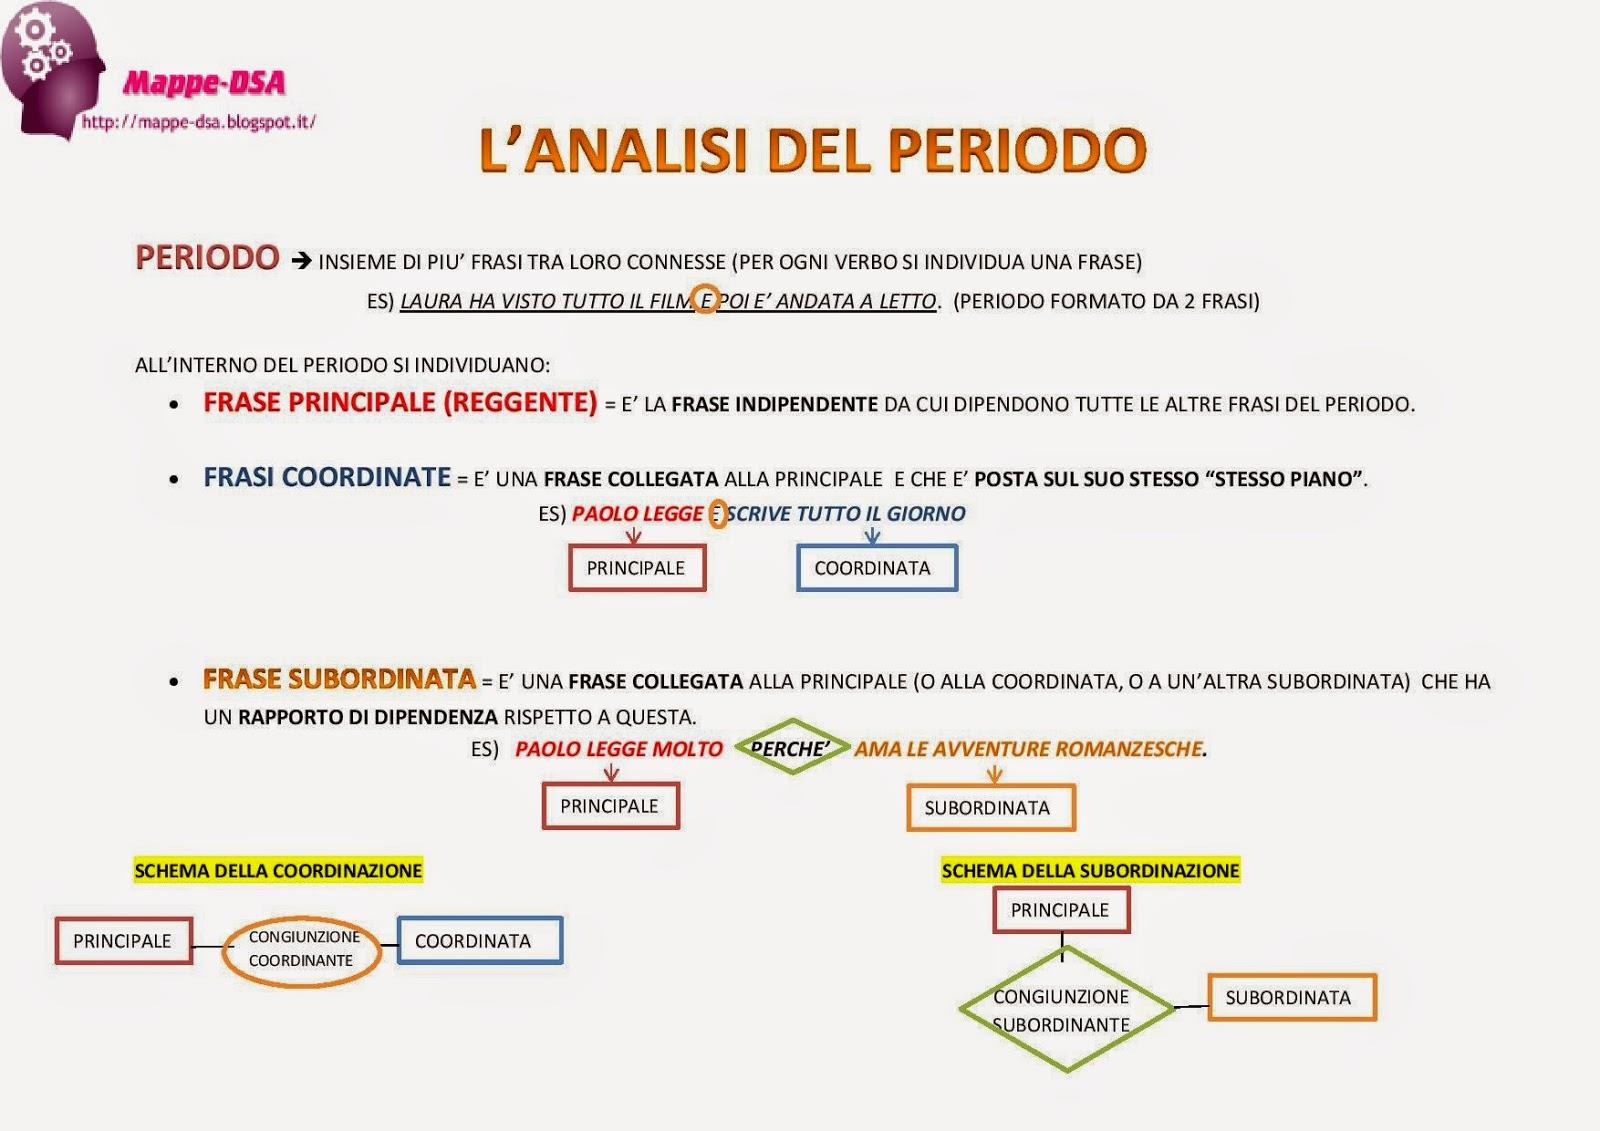 mappa schema grammatica analisi periodo dsa